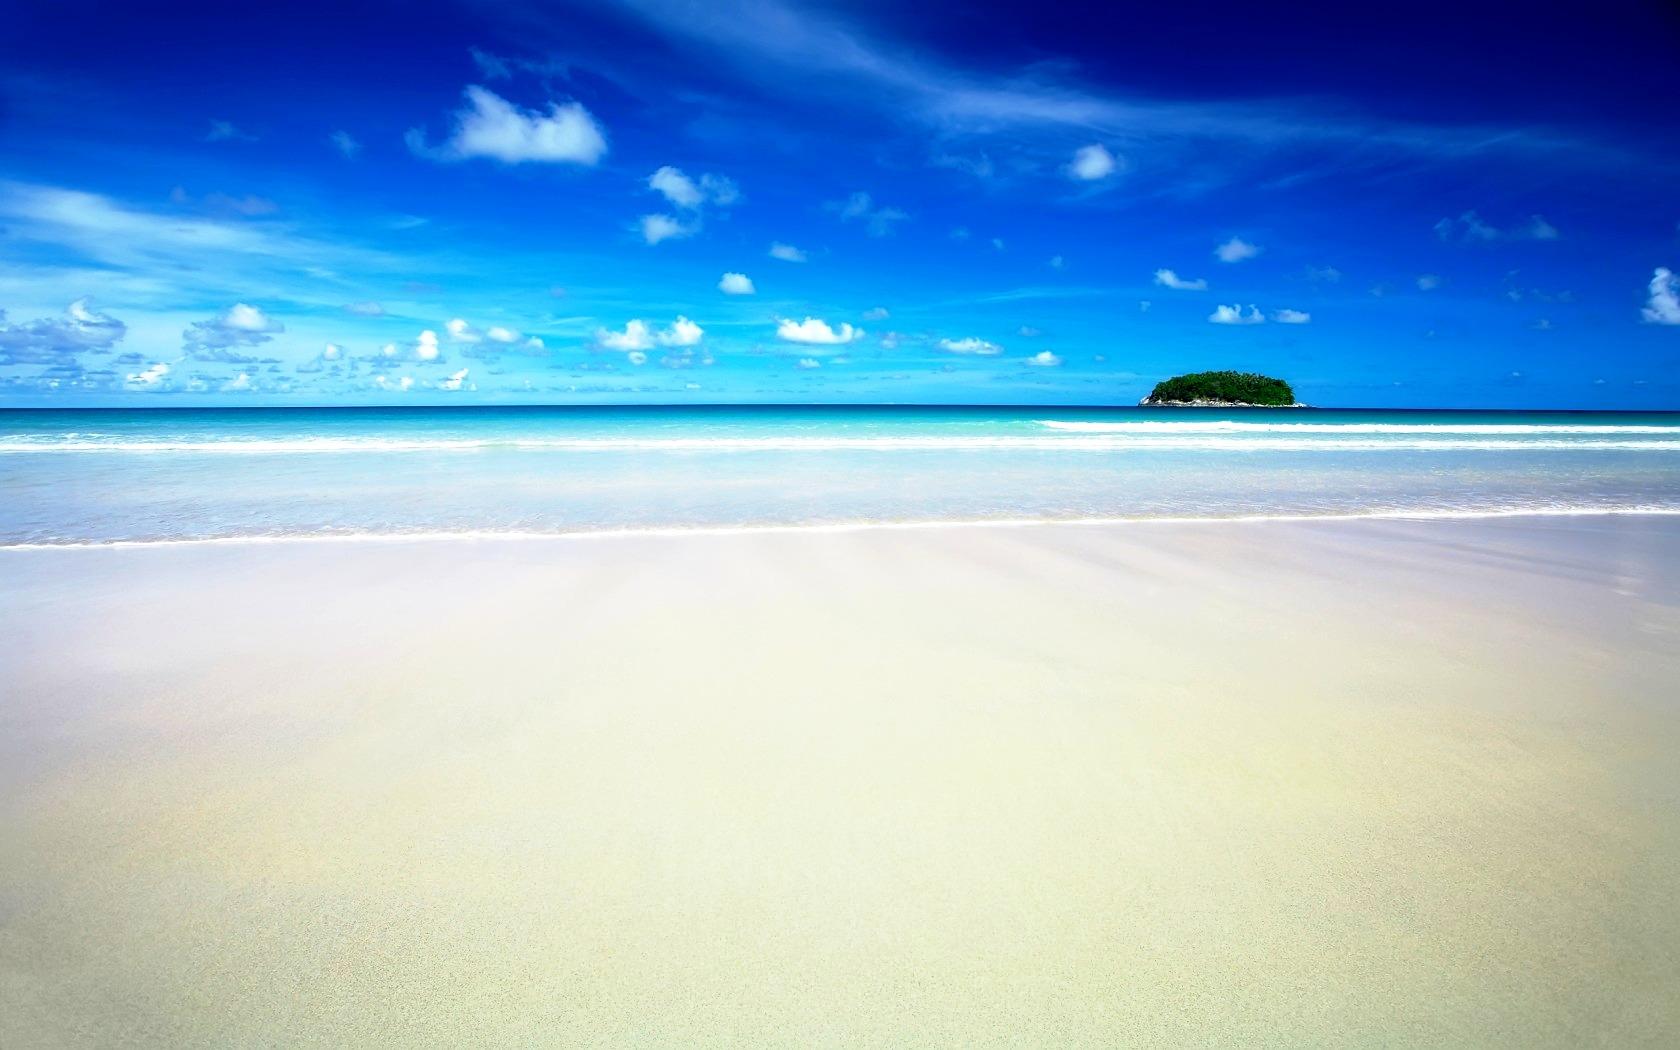 Up Your Working Space Desktop Wallpaper Beach Scenes Nice Beach 1680x1050